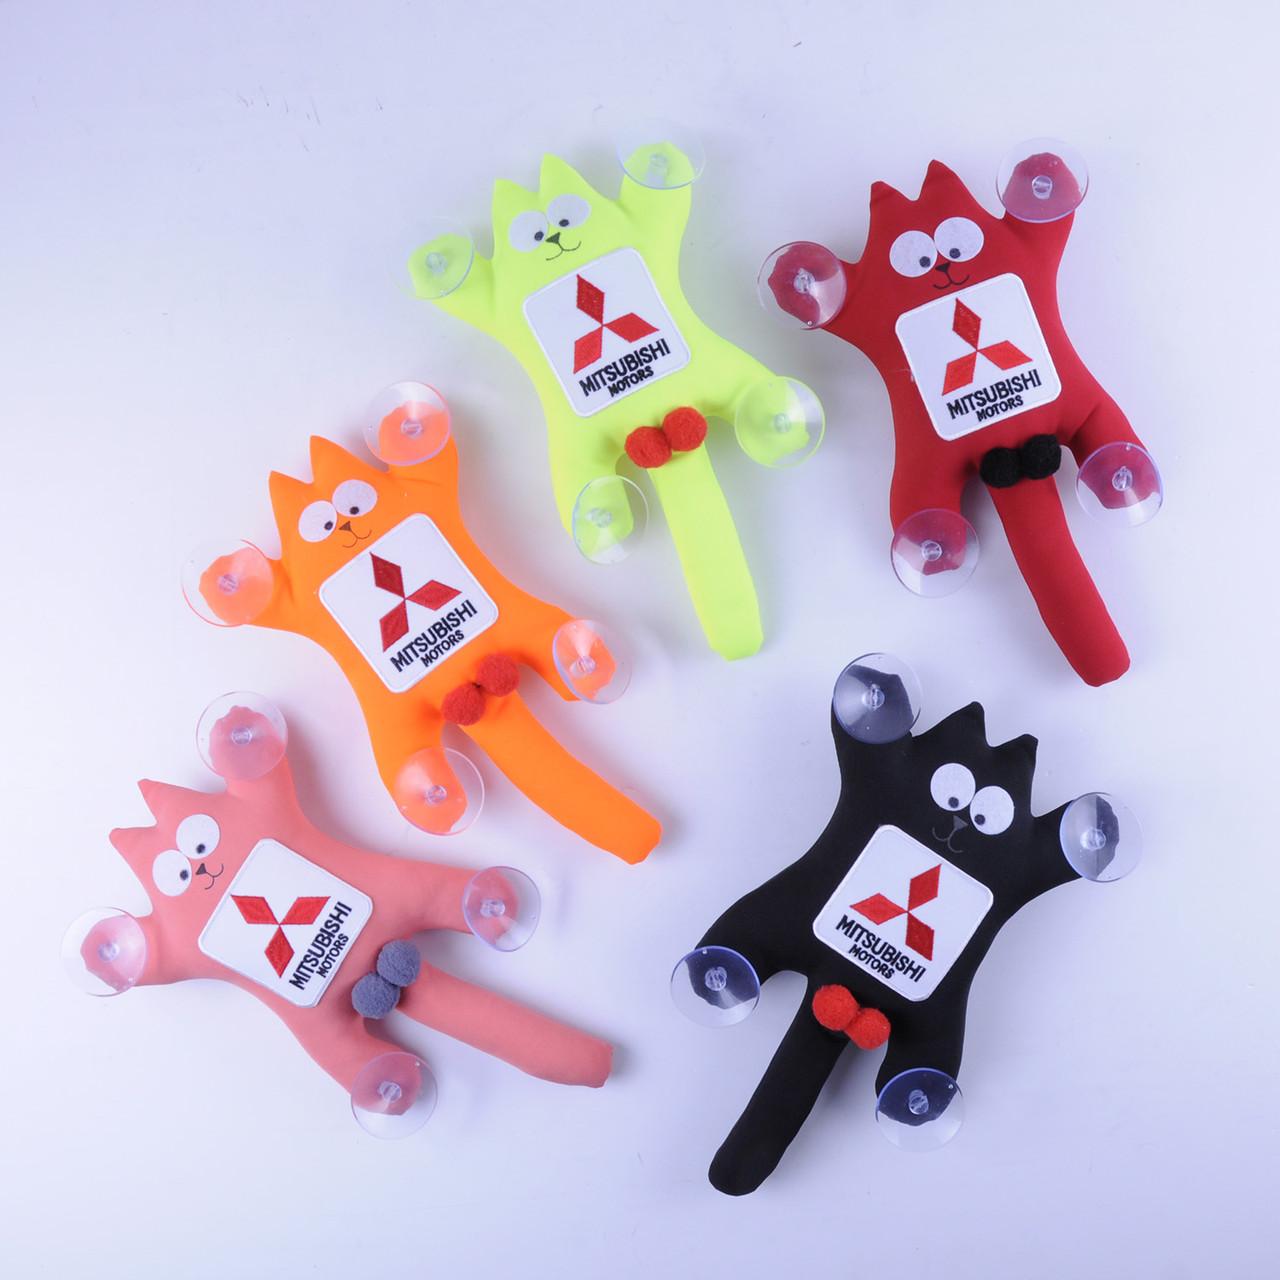 М'яка іграшка Кіт Саймон з лого Mitsubishi (червоний,сірий)